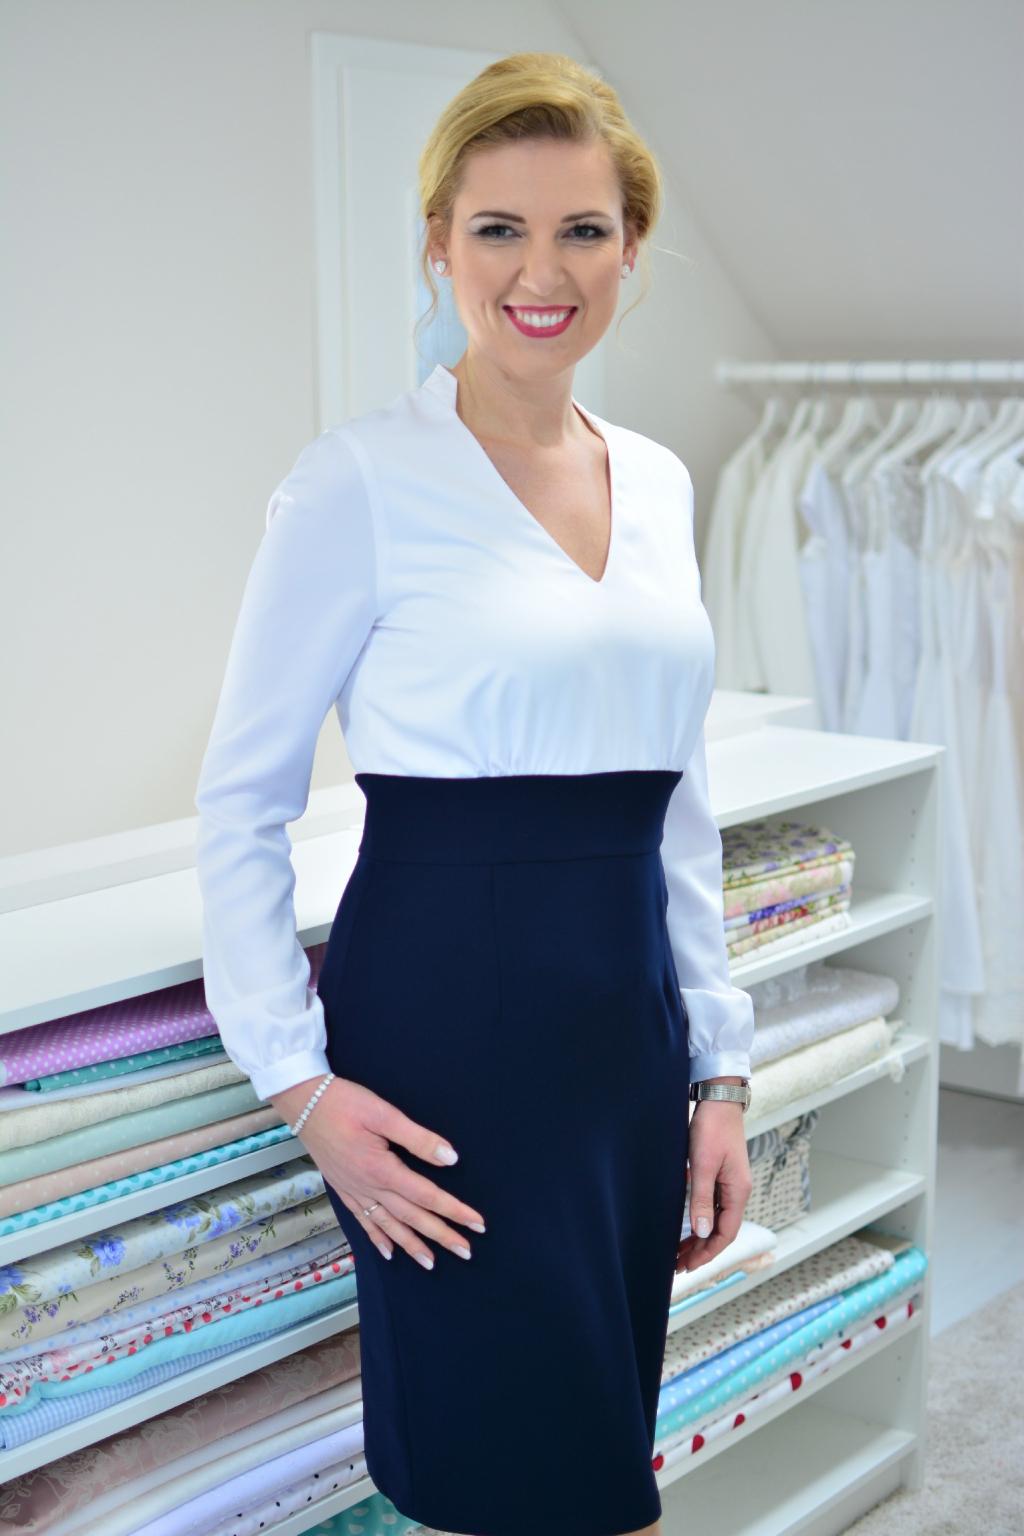 pouzdrove business saty · pouzdrove business saty · pouzdrove business saty  · pouzdrove business saty · Pouzdrové business šaty ... 2ce2c372db1